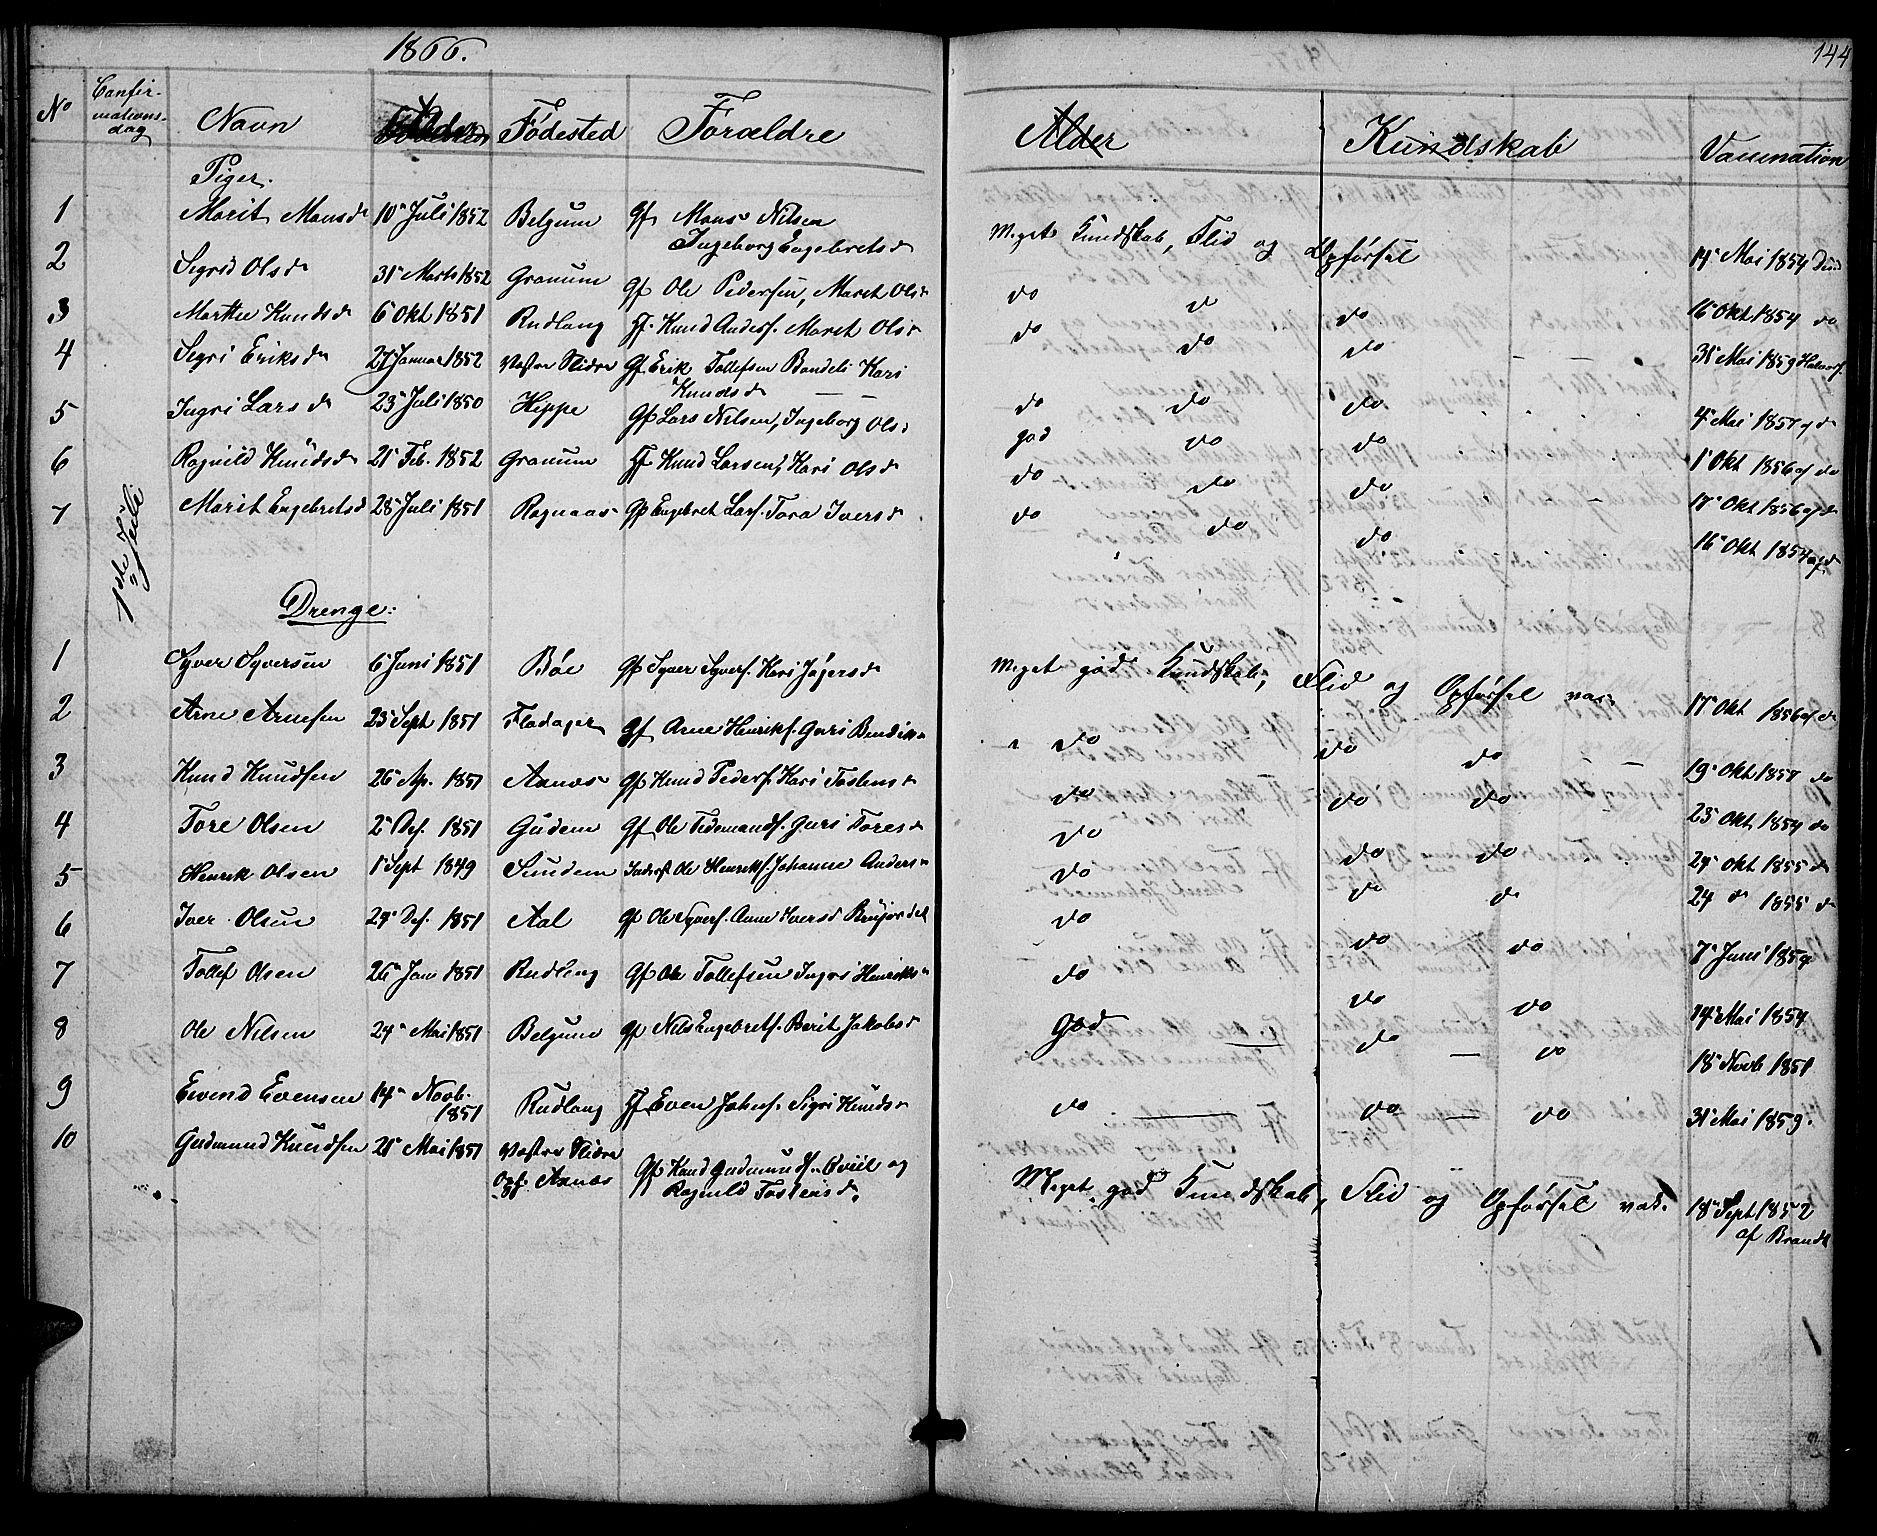 SAH, Nord-Aurdal prestekontor, Klokkerbok nr. 4, 1842-1882, s. 144